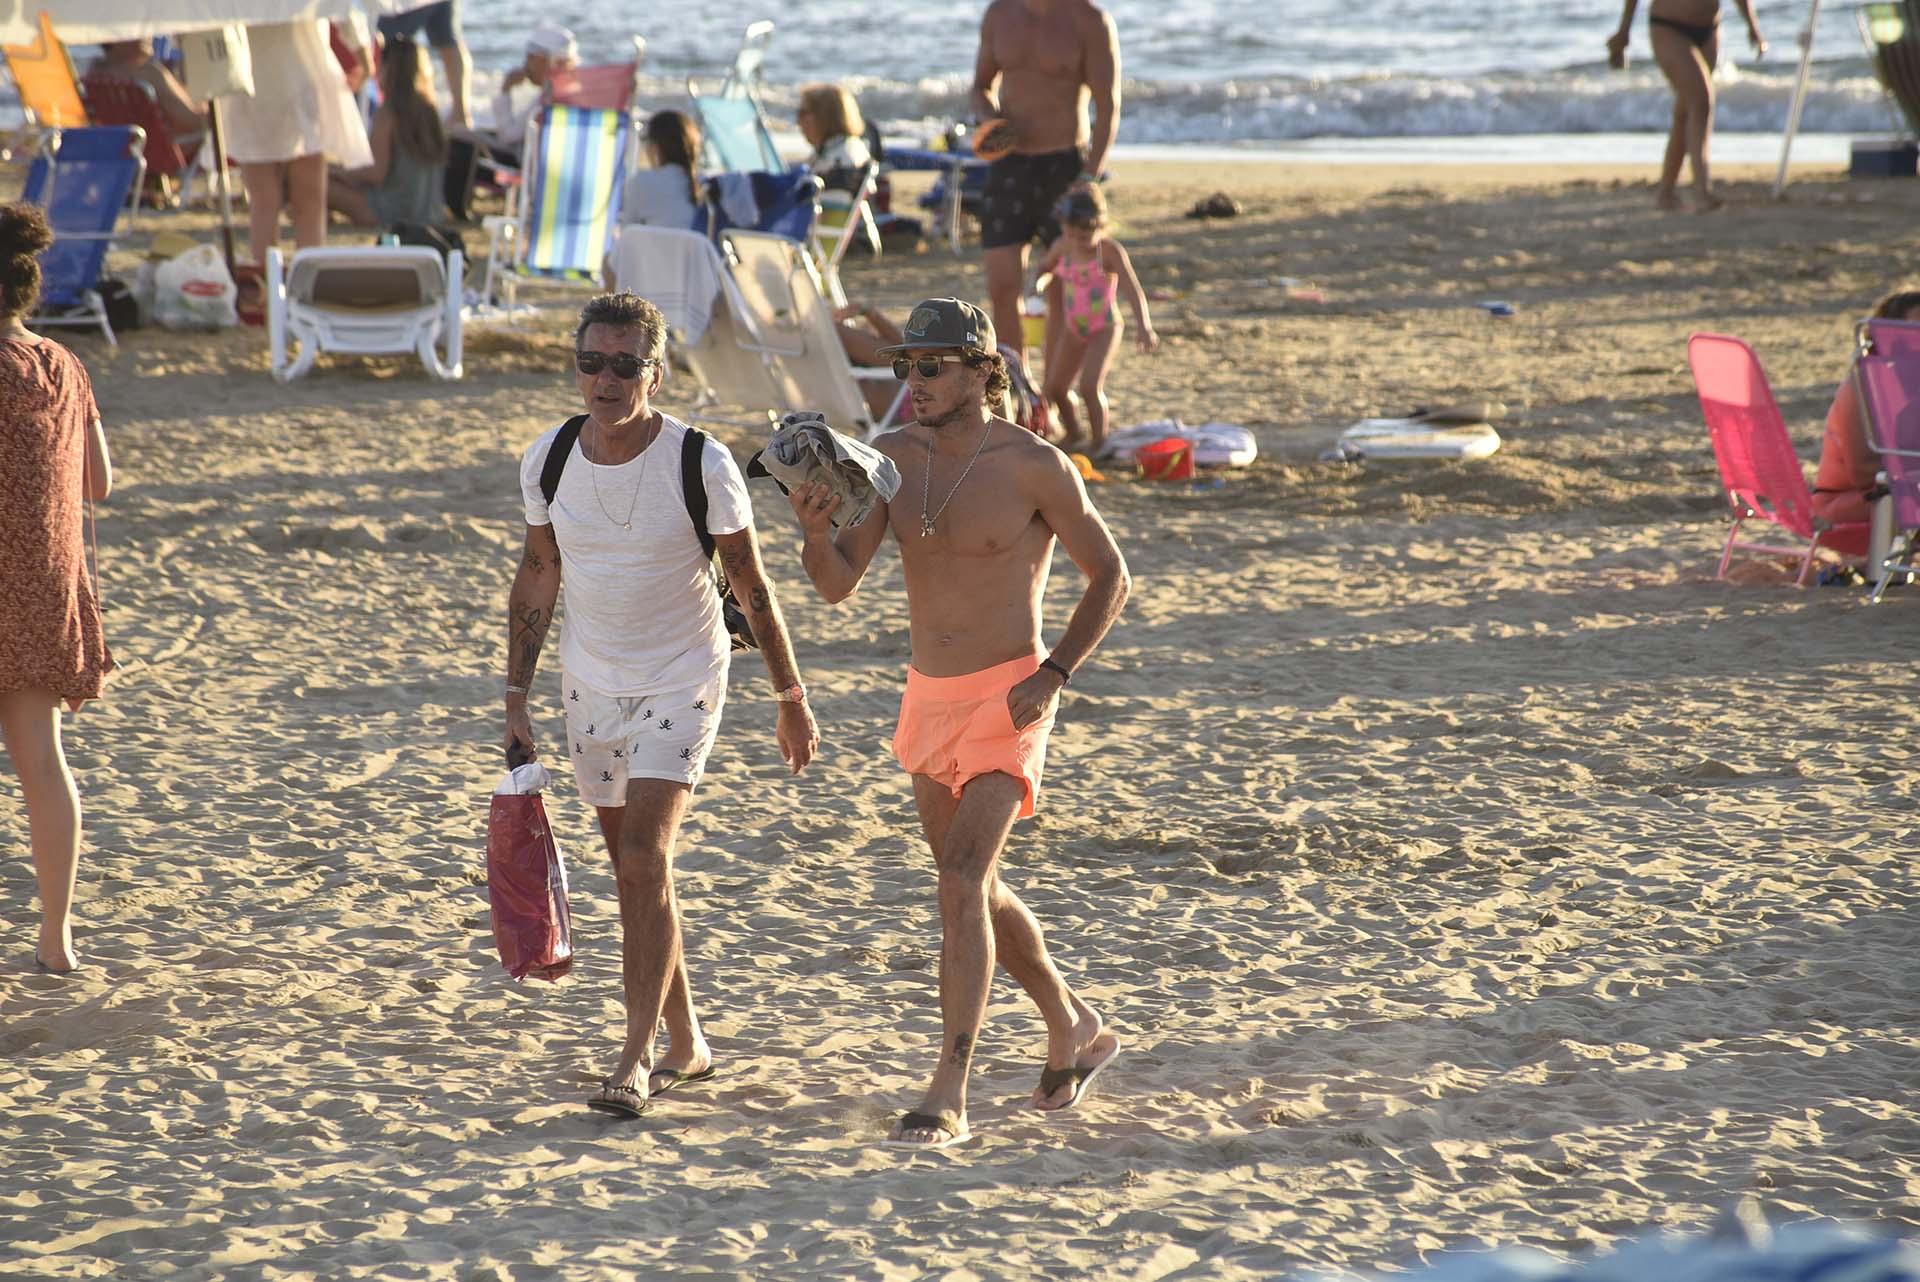 El tenista Juan Mónaco pasea por las playas de José Ignacio con un traje de baño naranja flúo.